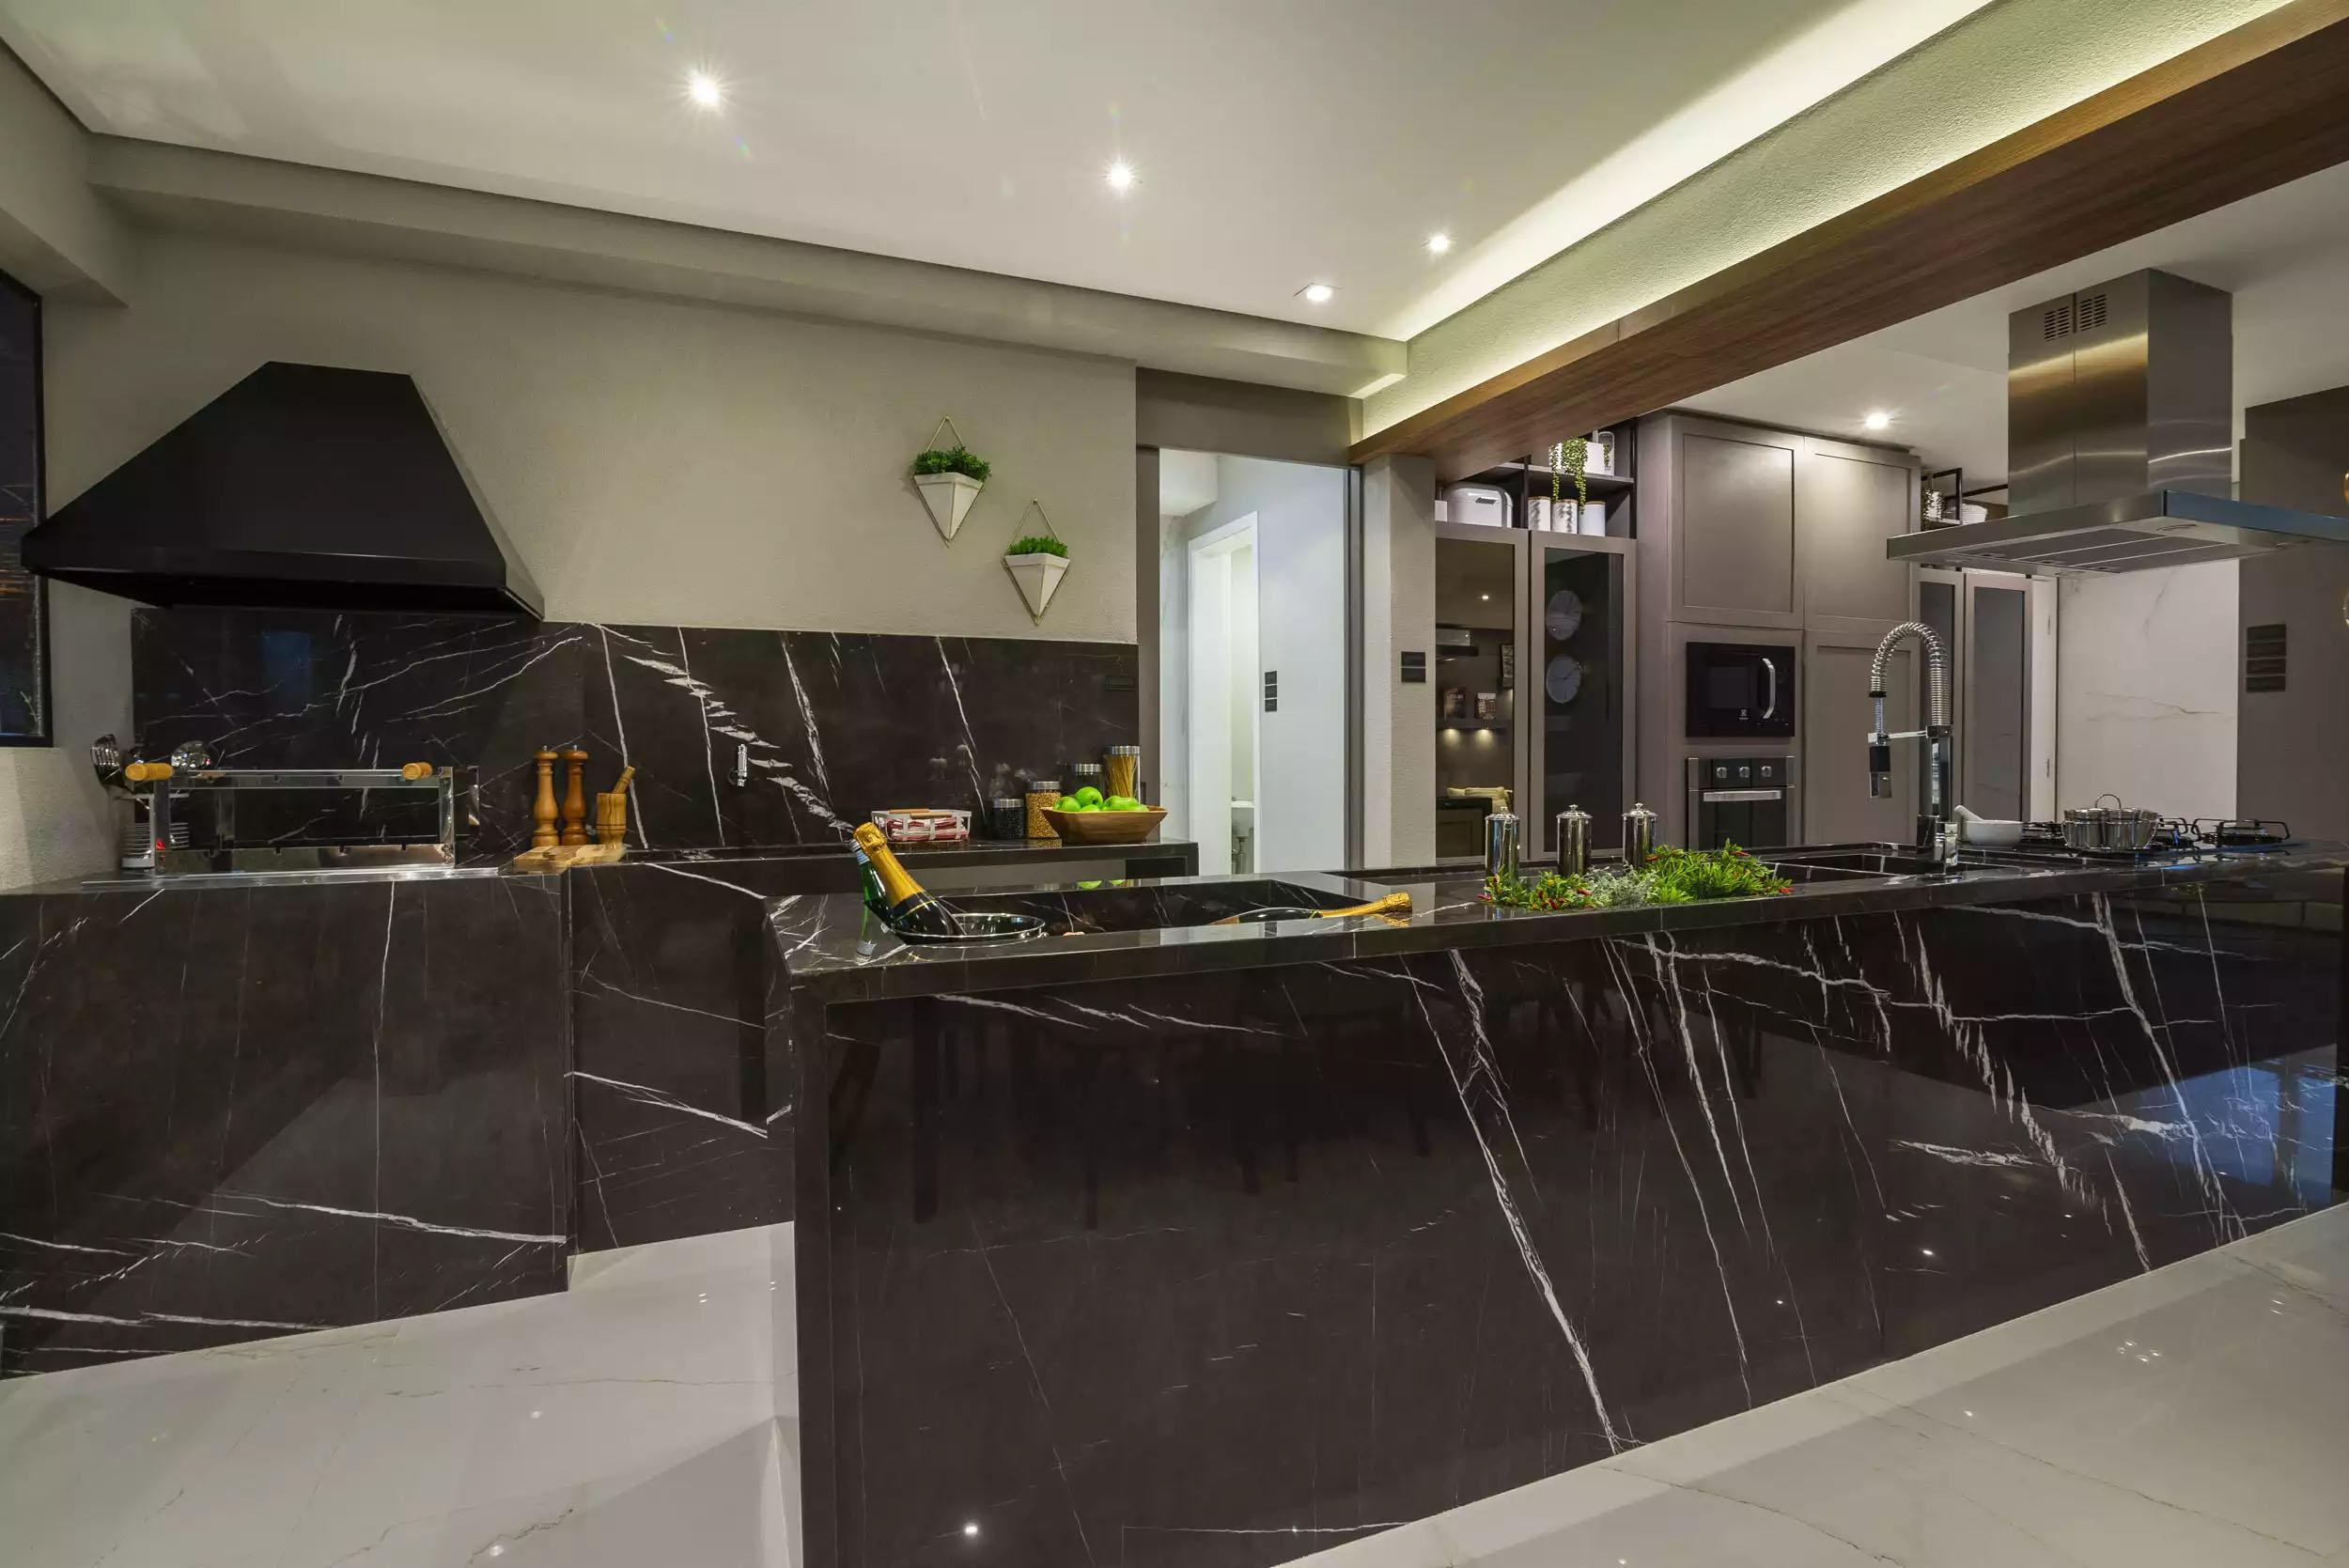 Decorado - Cozinha Integrada  1300 Jurupis